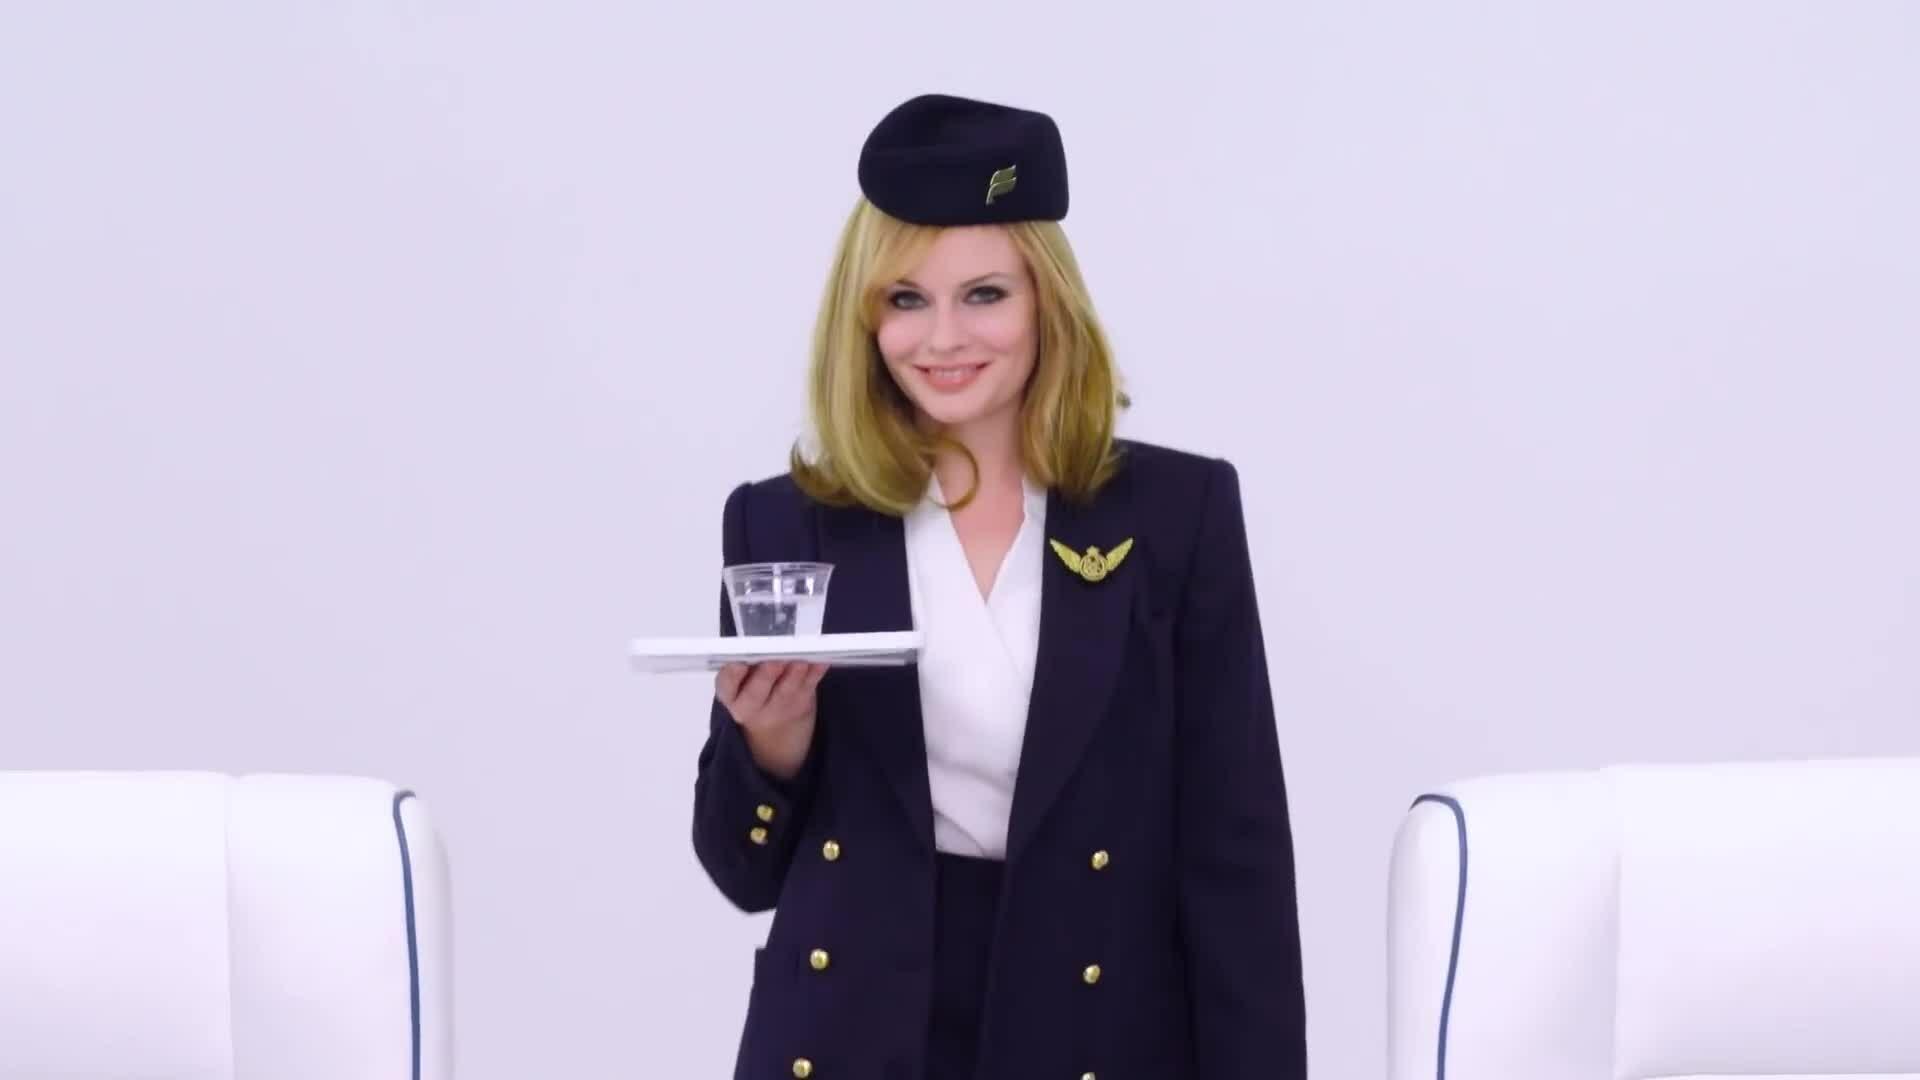 Giải mã vẻ ngoài hoàn hảo của tiếp viên hàng không